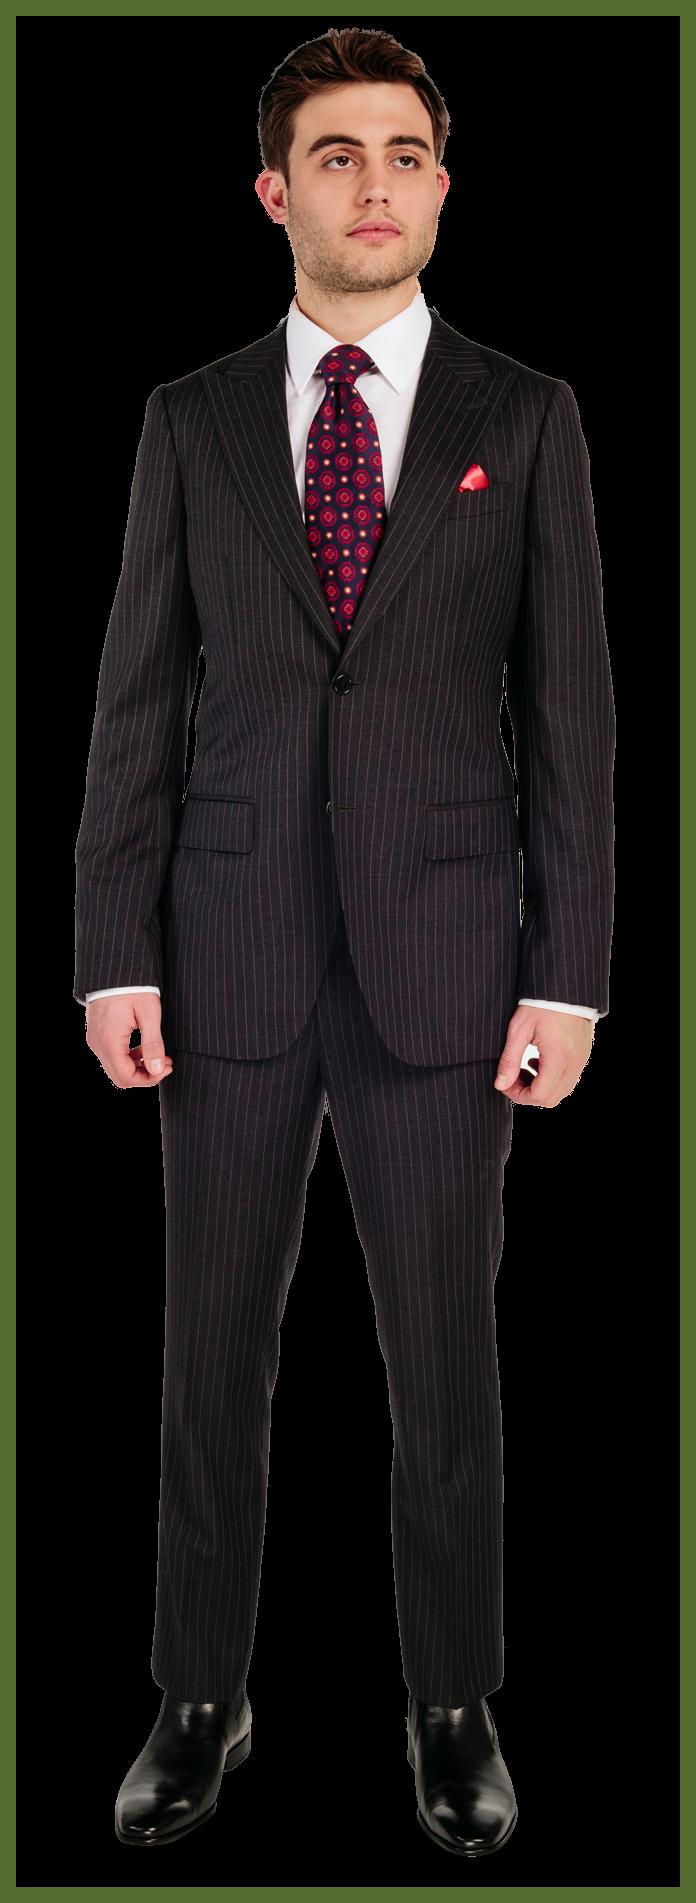 ideas of suits. Suit clipart pinstripe suit